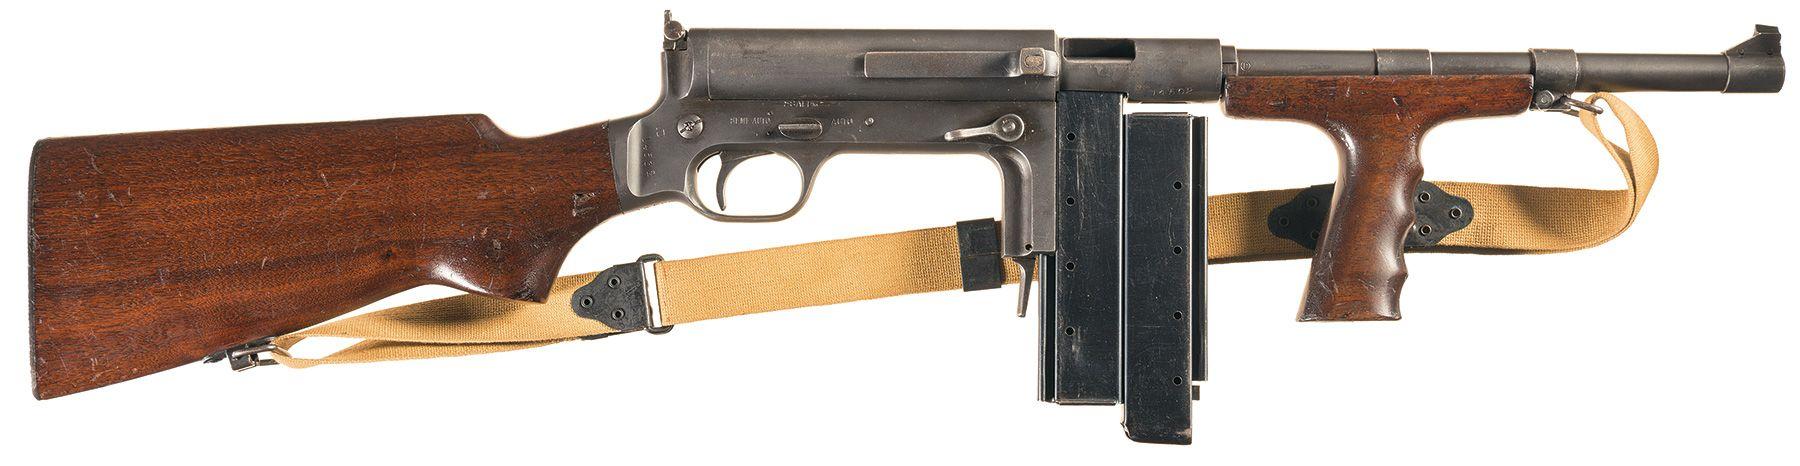 United Defense M42 Sub-Machine gun 9mm Parabellum